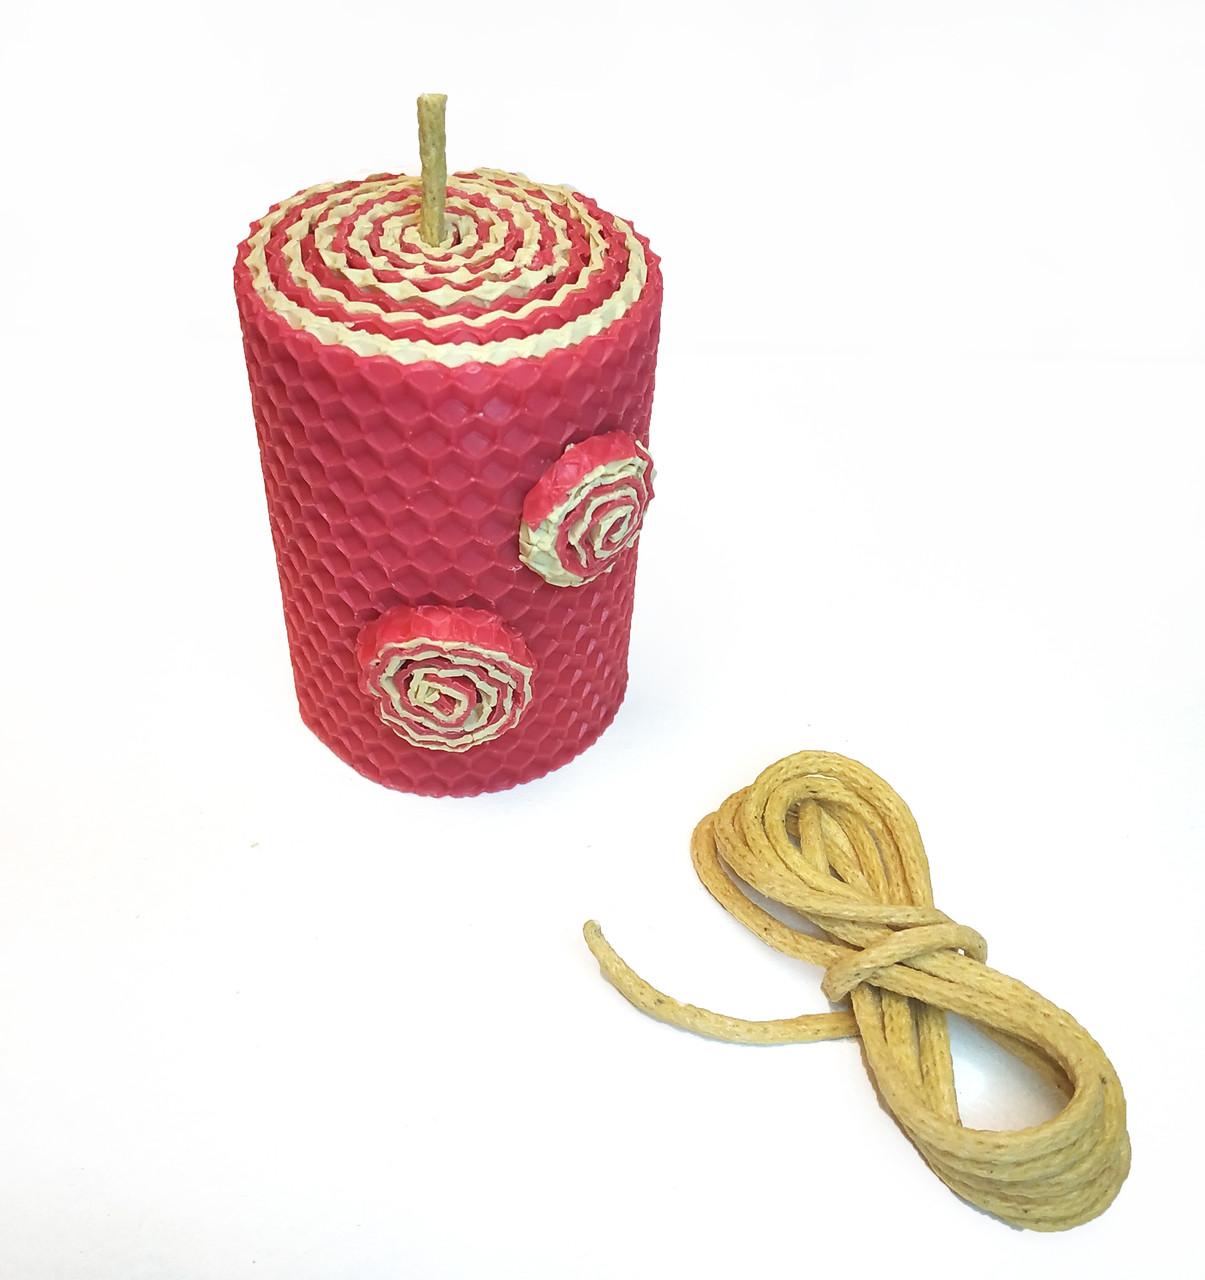 Фитиль вощеный 4 мм для свечей из вощины. Цена за 1 метр.